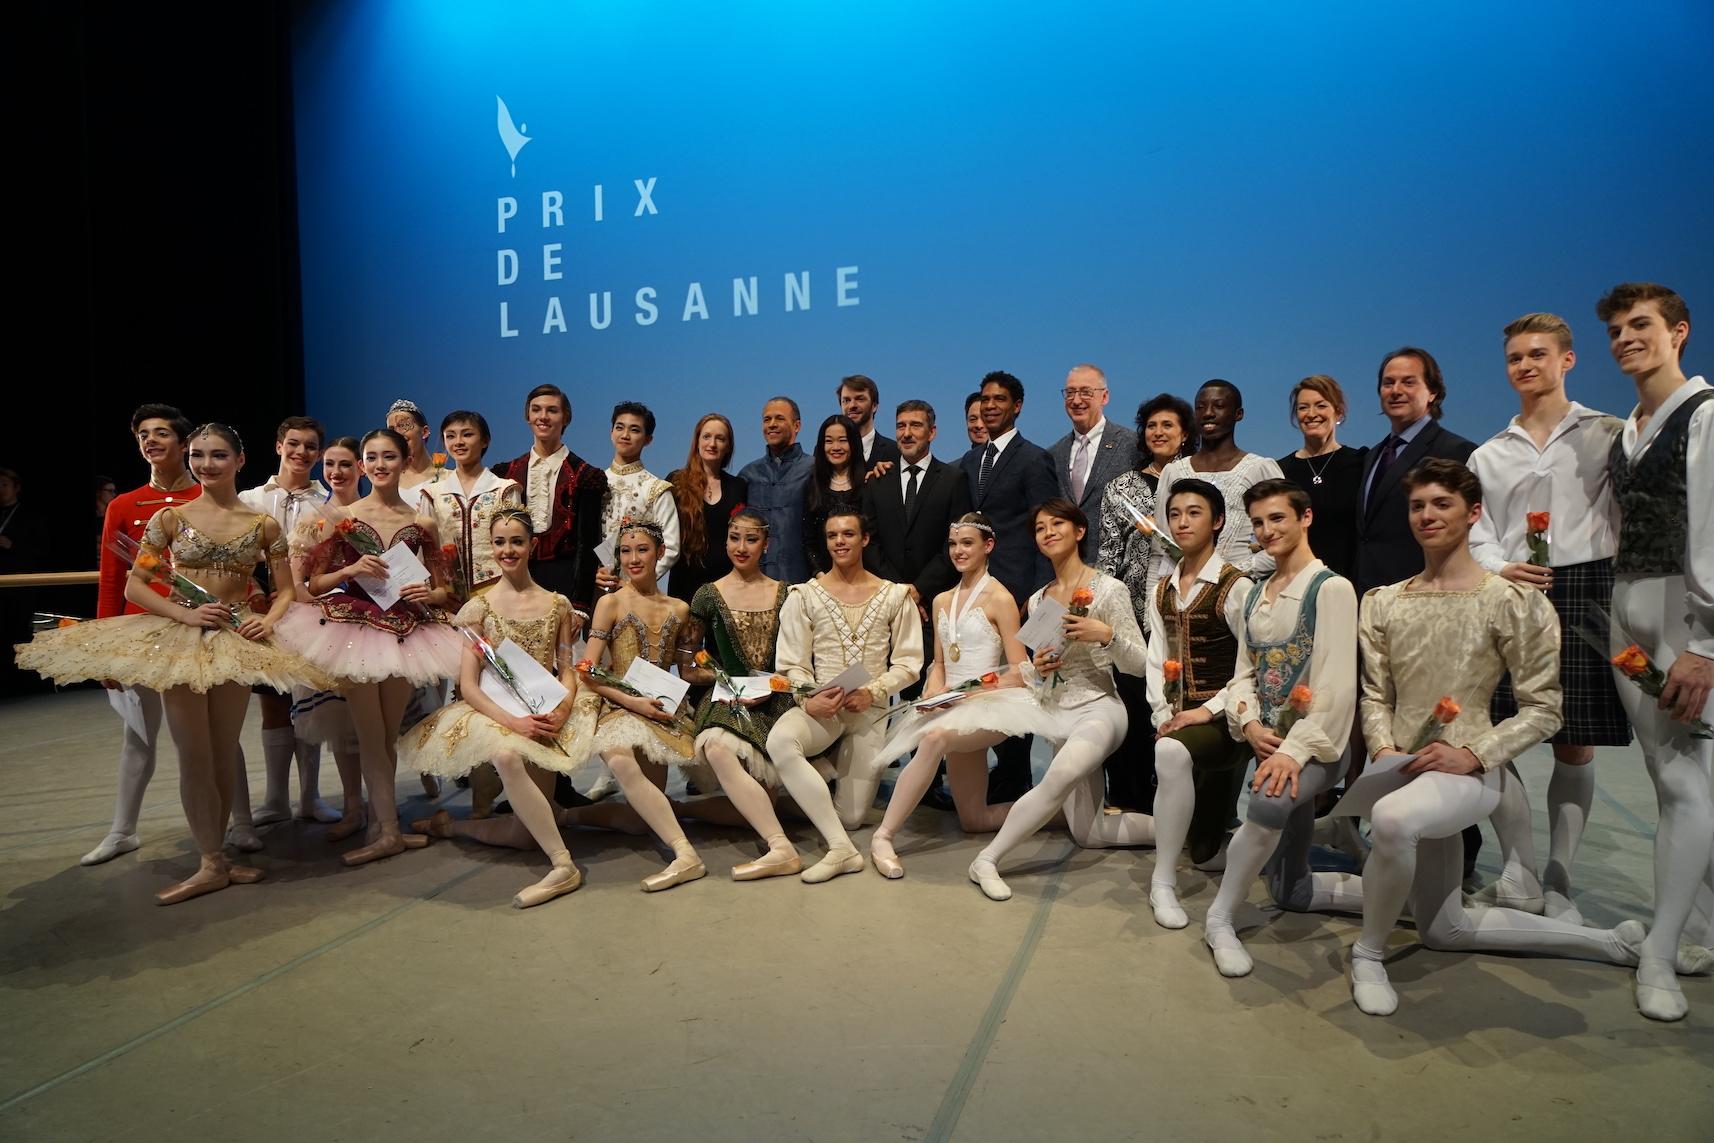 バレエ コンクール 国際 2021 ローザンヌ